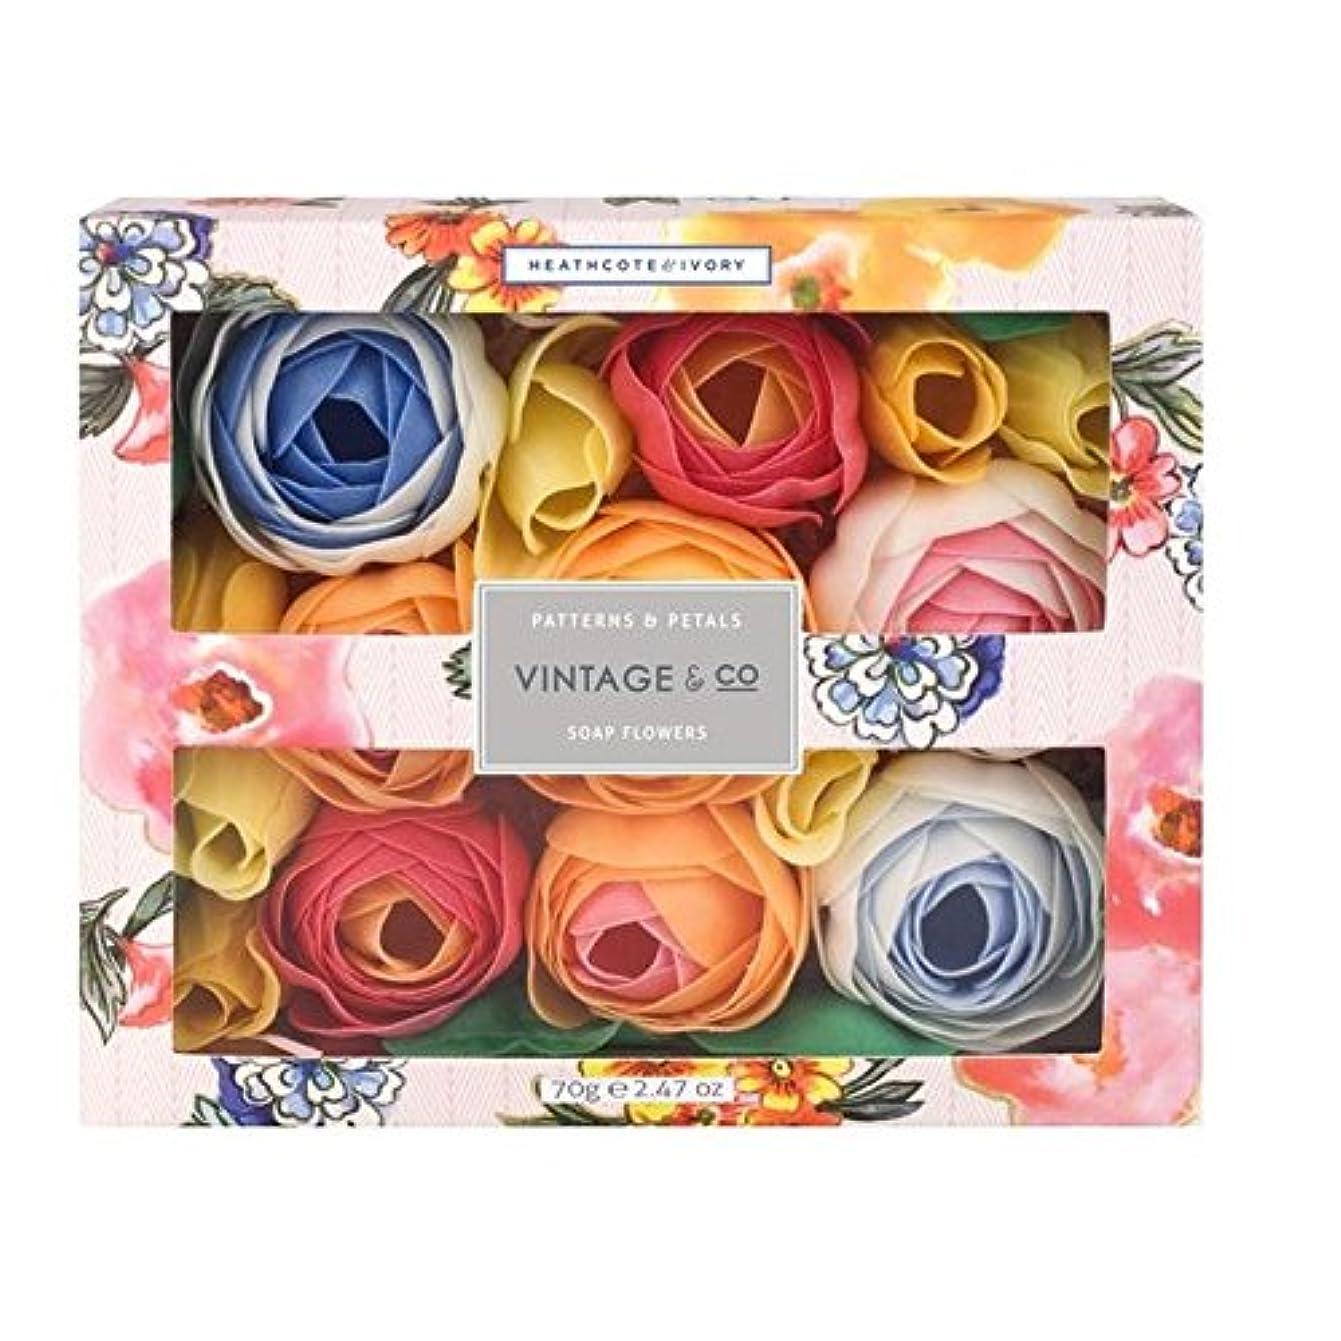 換気寂しい補償ヒースコート&アイボリーパターン&花びら石鹸の花70グラム x4 - Heathcote & Ivory Patterns & Petals Soap Flowers 70g (Pack of 4) [並行輸入品]